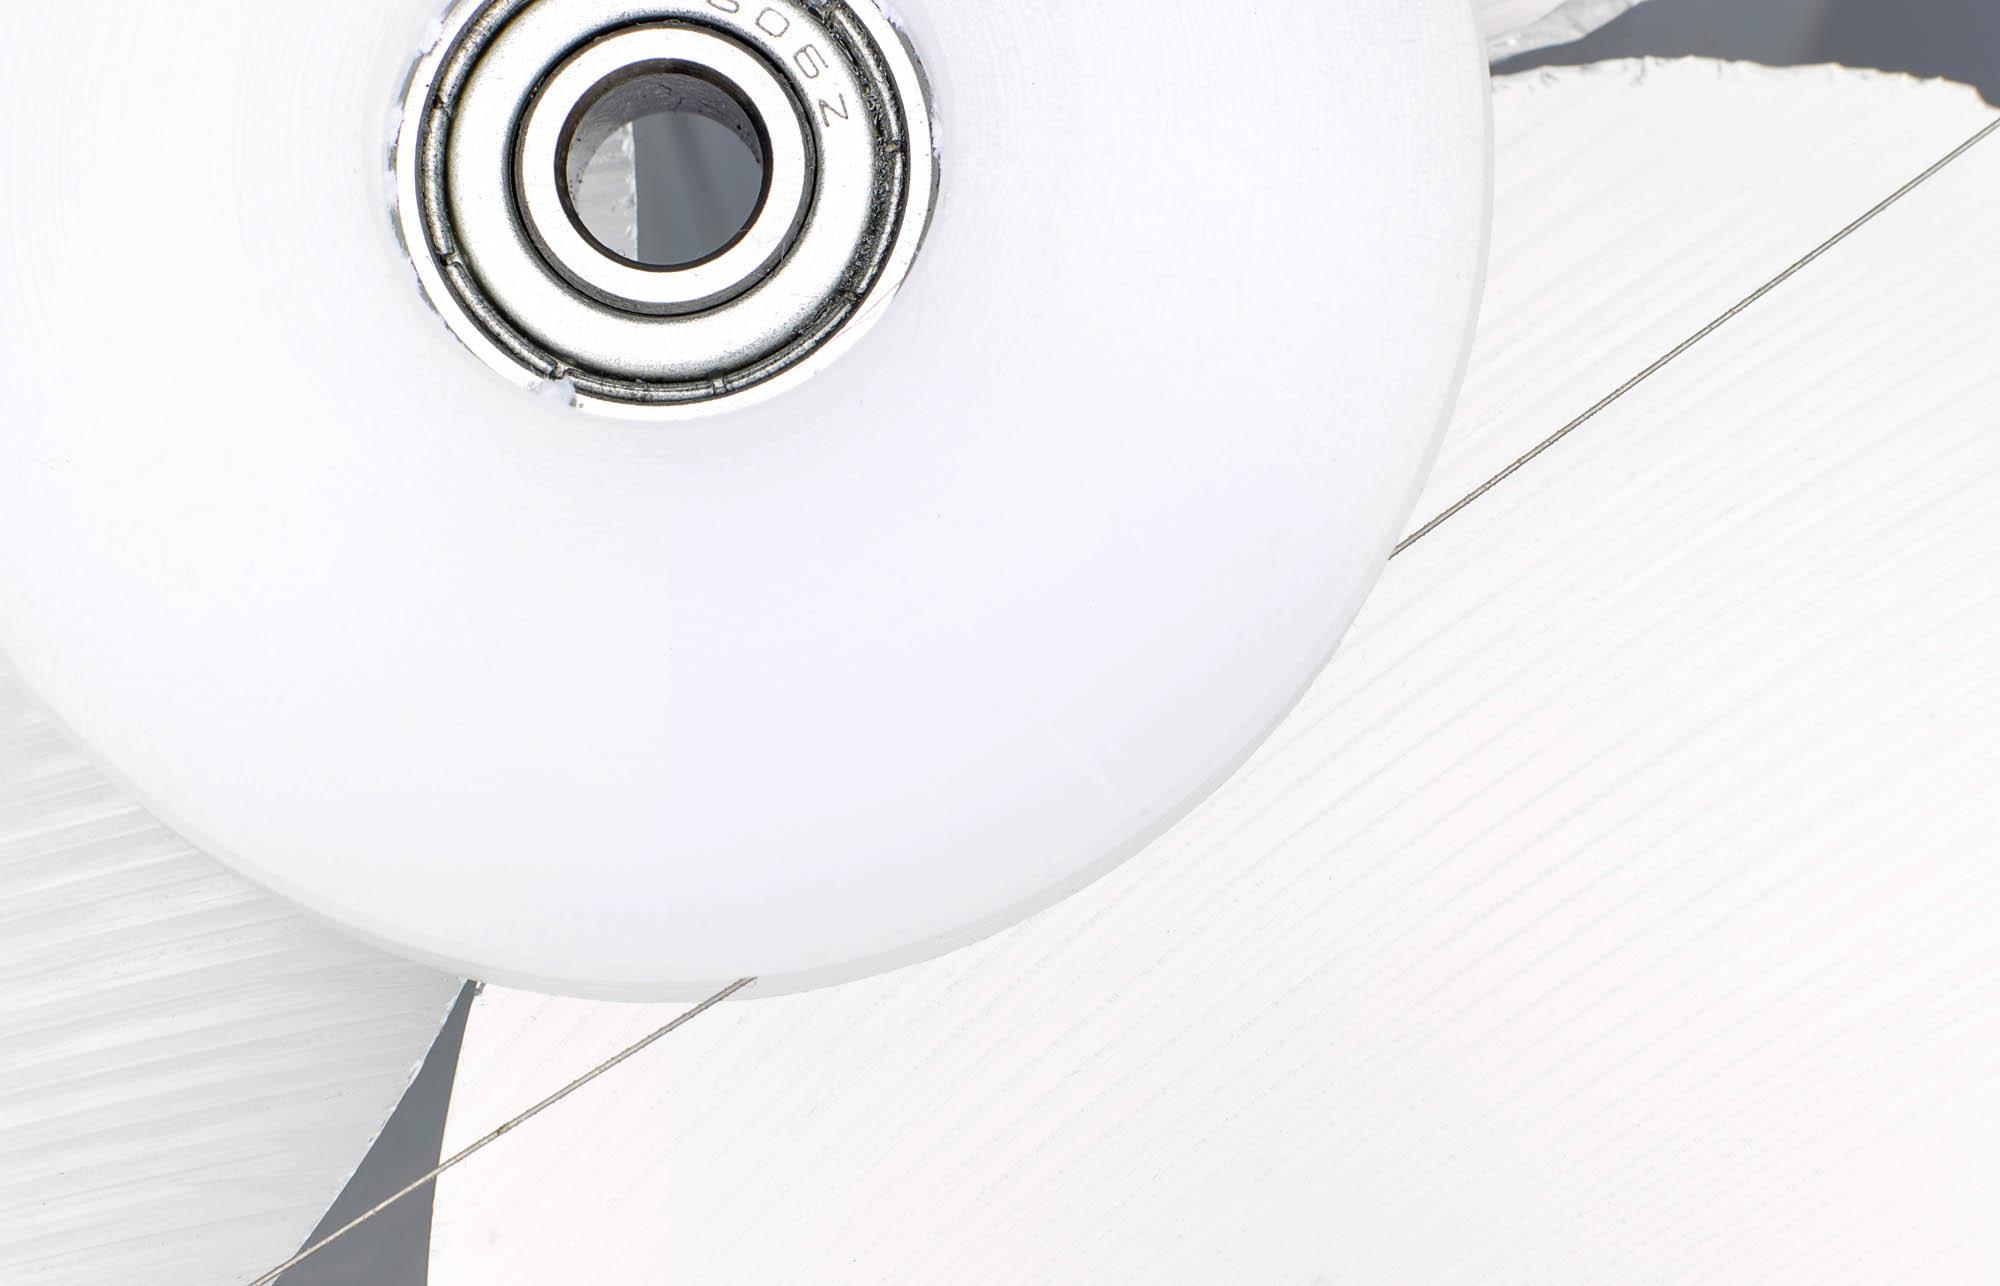 OPC 170103 0146 - Tenesso: Kunstvolle Inszenierung verschleißfester Laufrollen